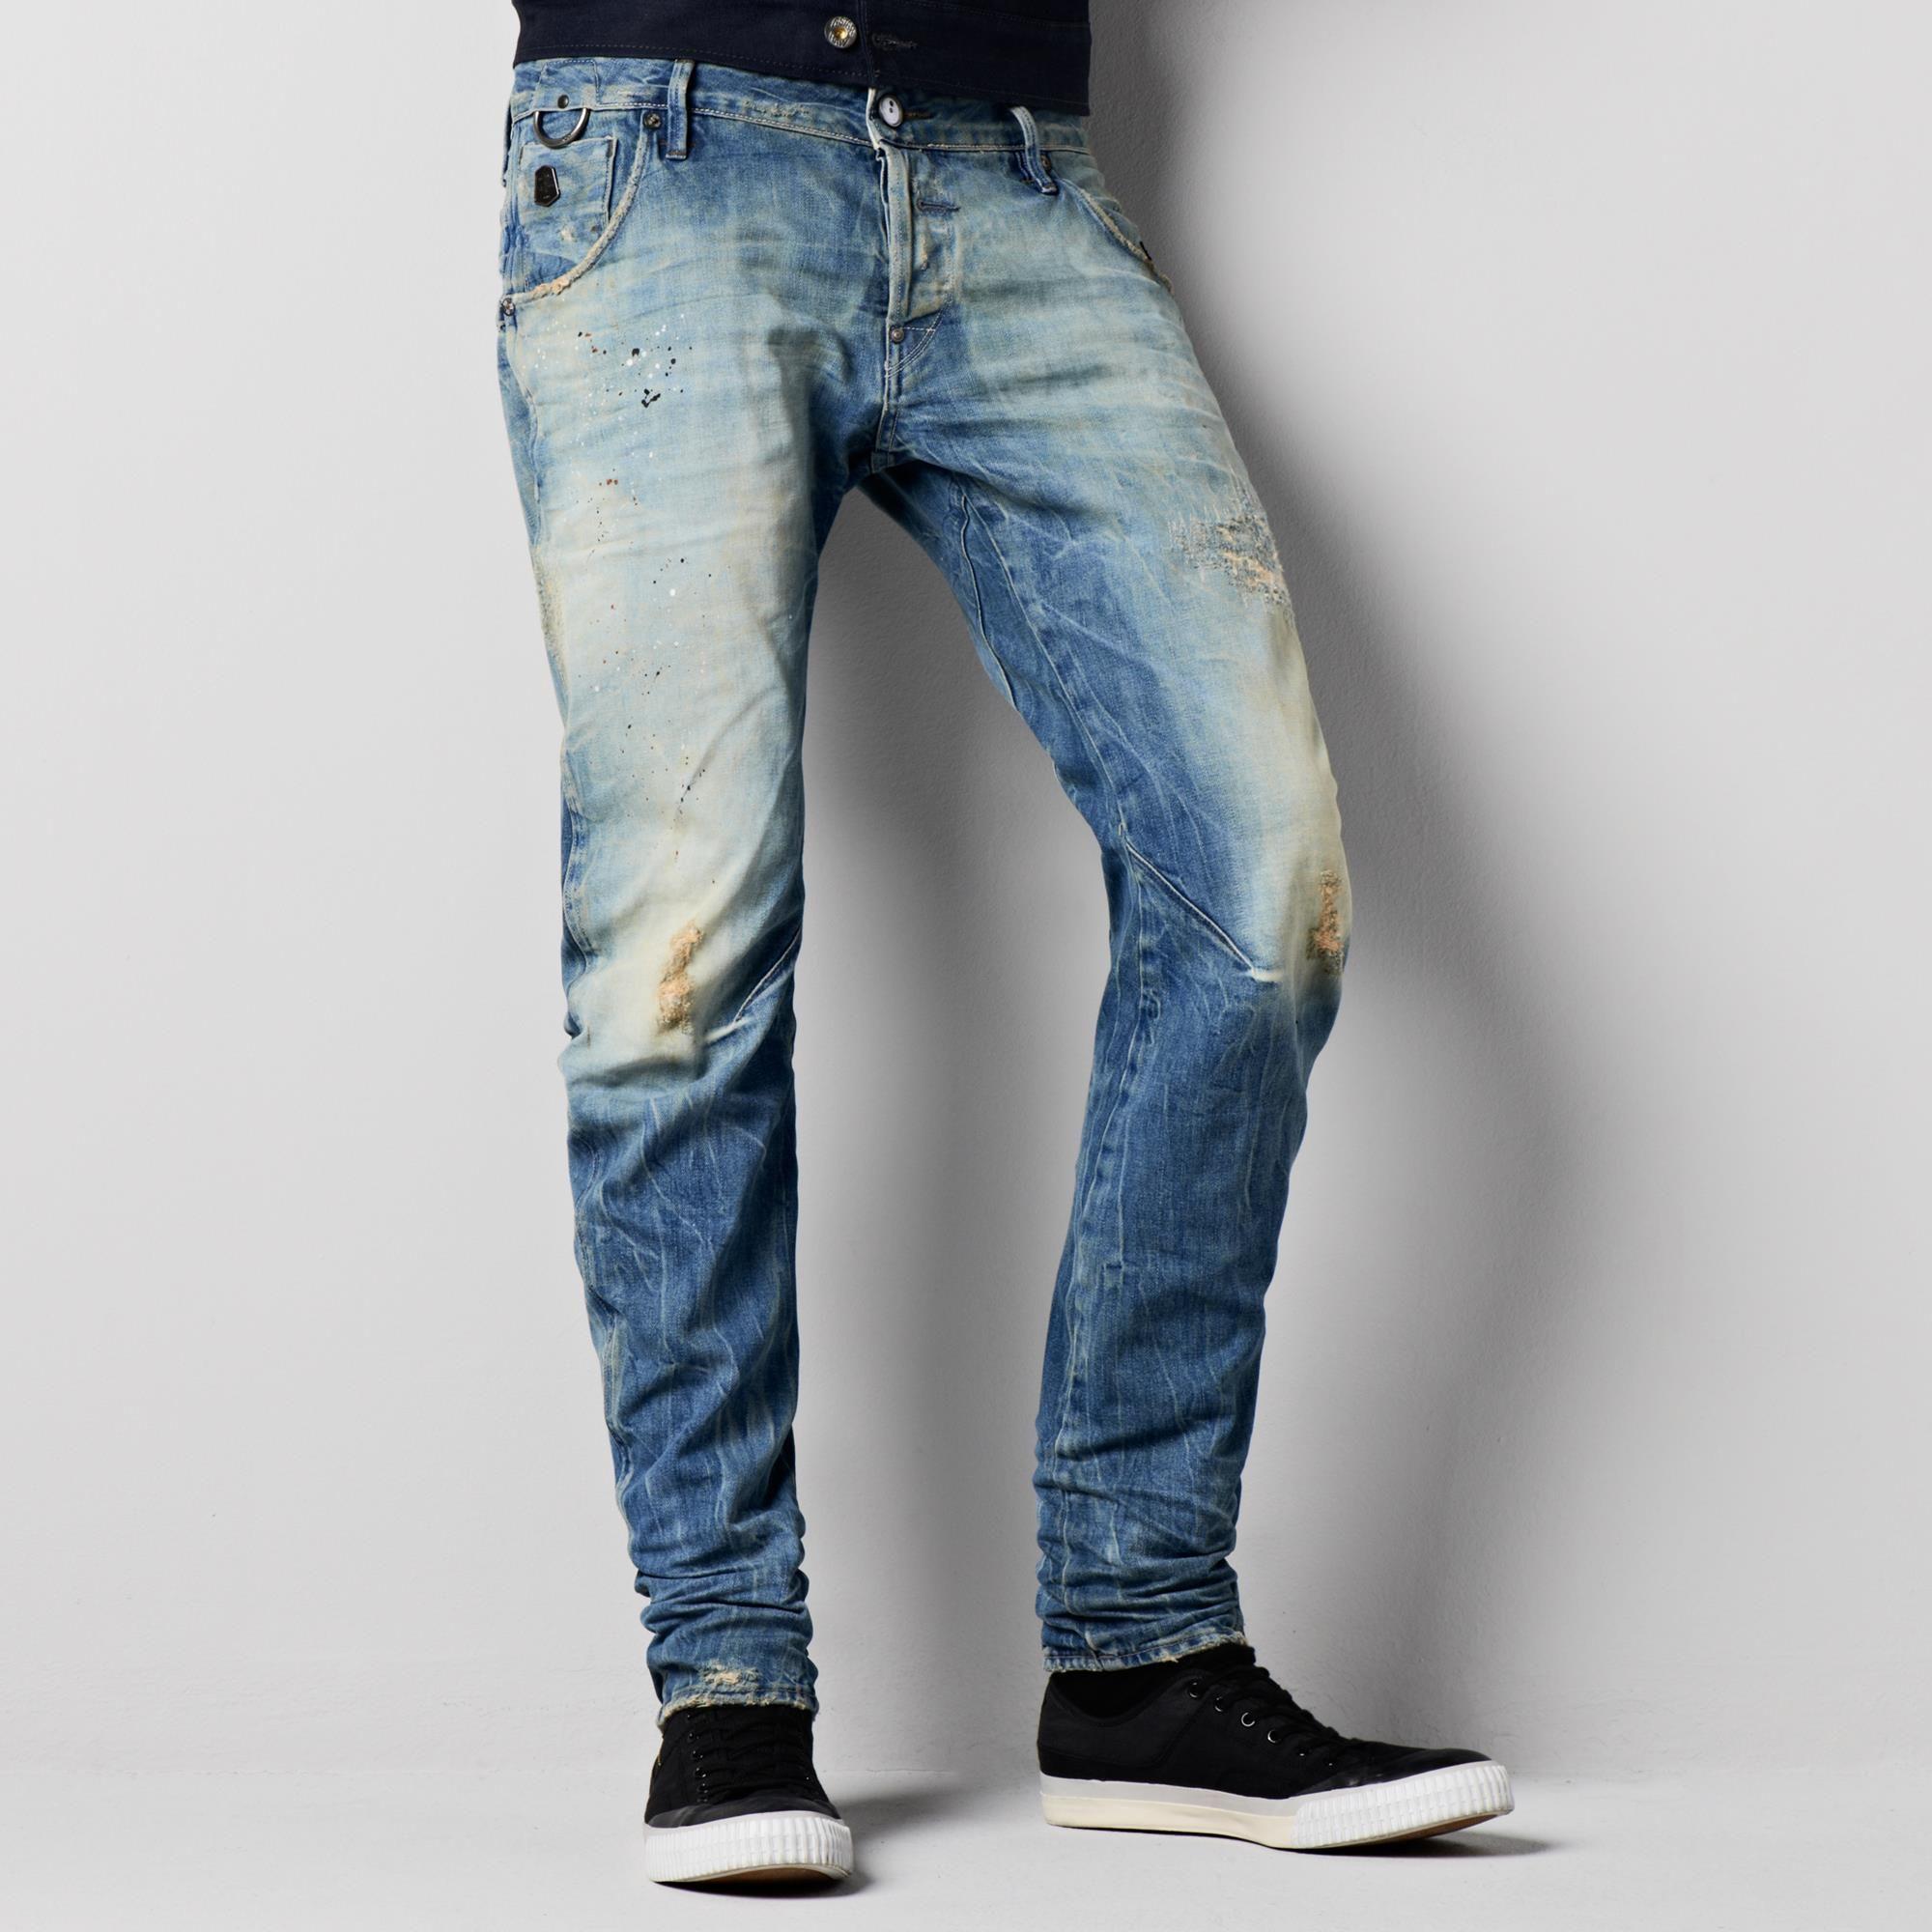 Nw 1108 3d sl/hack dnm/med ag destry | Faver Jeans ...